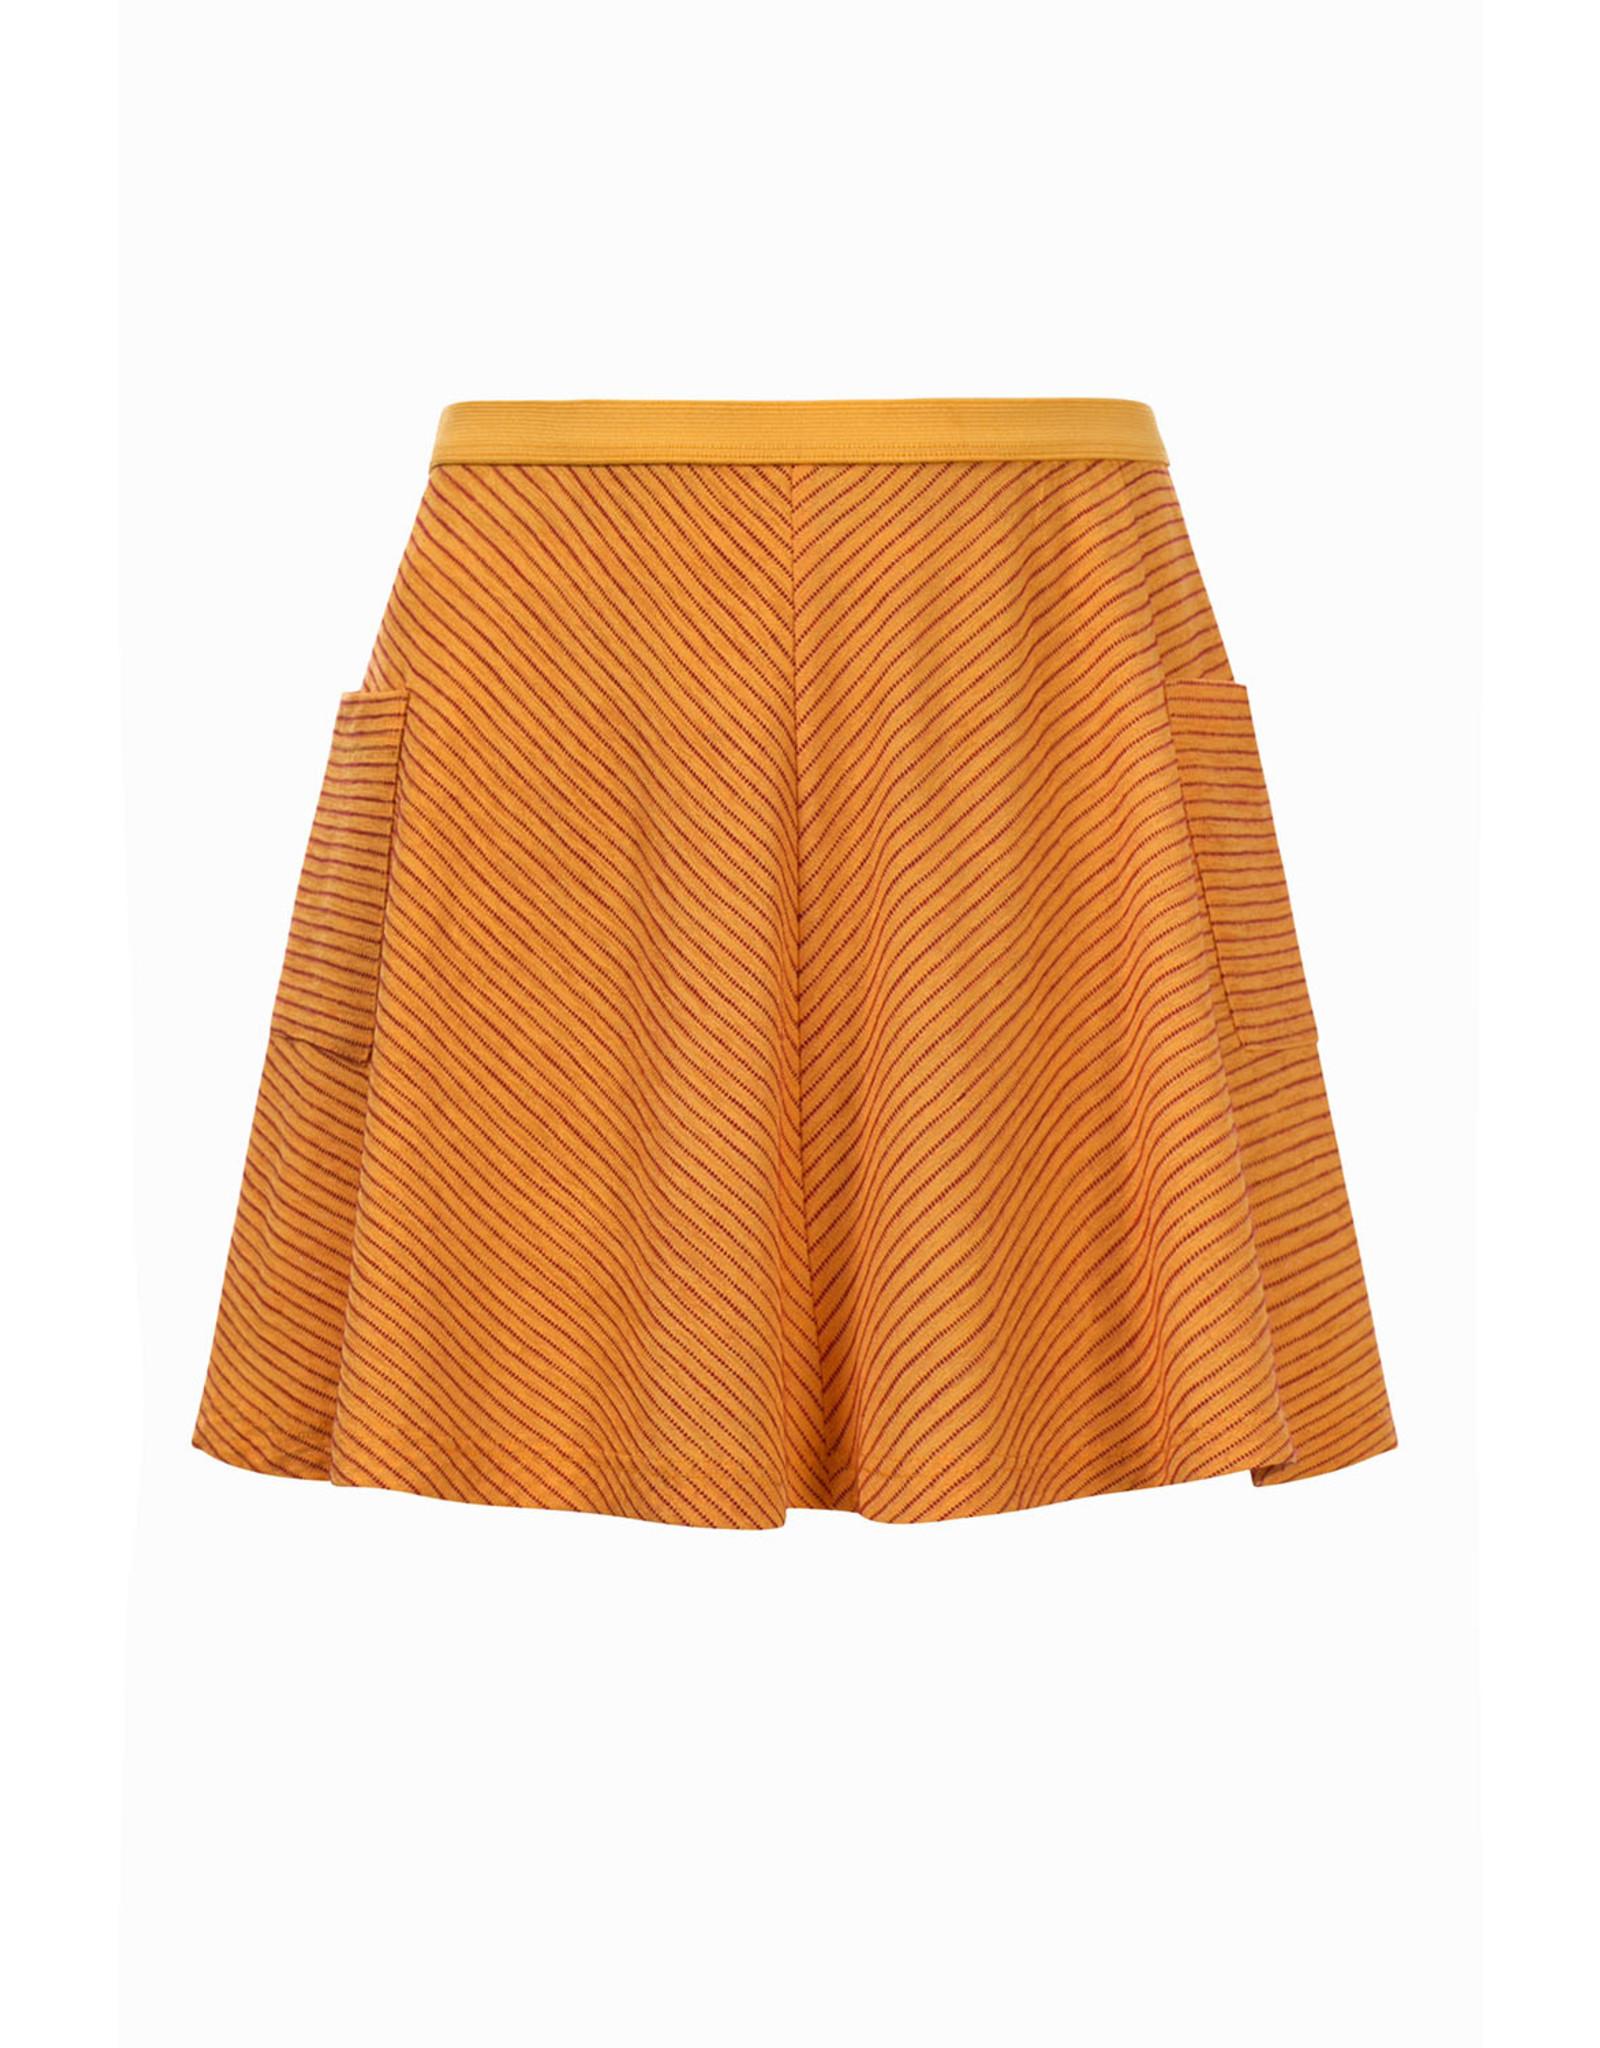 LOOXS Little skirt MANGO